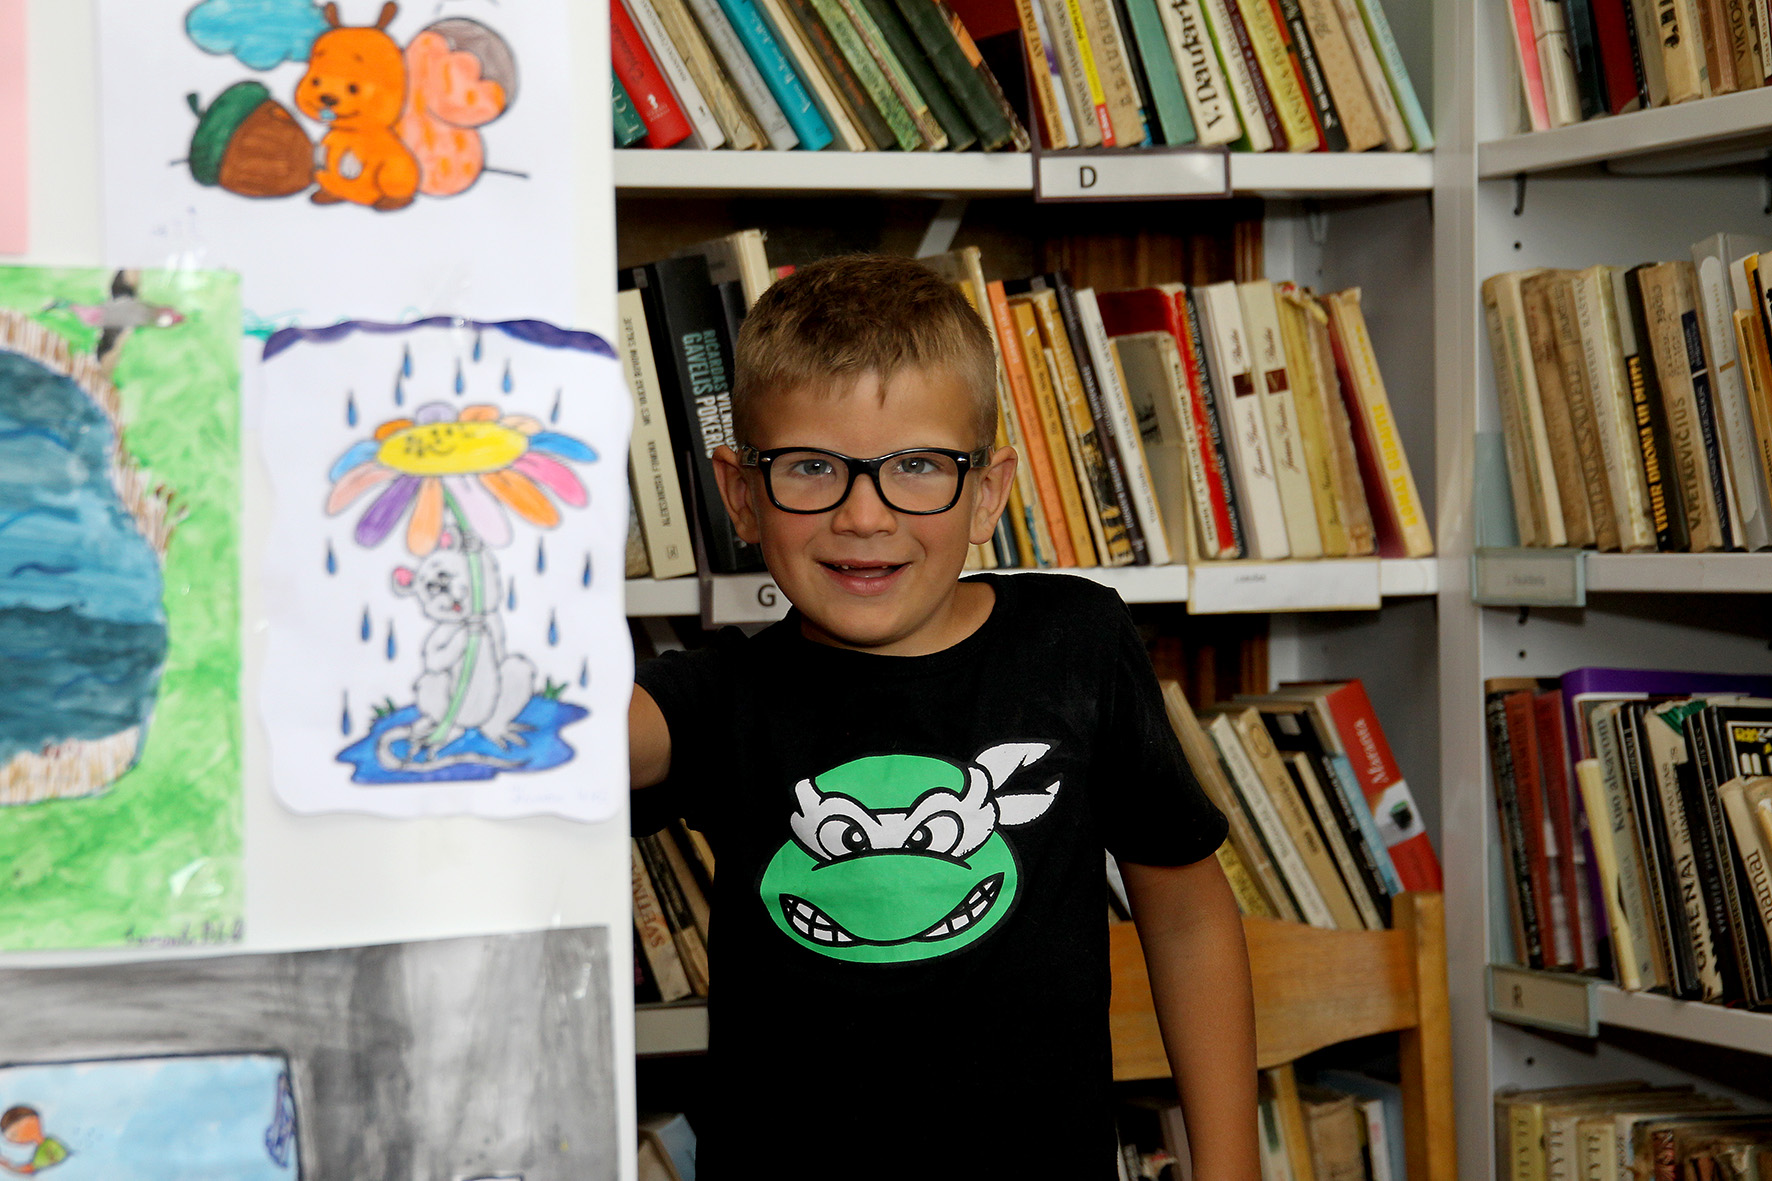 Nors Ingos Dovydienės sūnus Simas į mokyklą dar neina, bet jau perskaitė daugybę knygų. Smalsus ir komunikabilus berniukas – tarsi energingos mamos kopija.